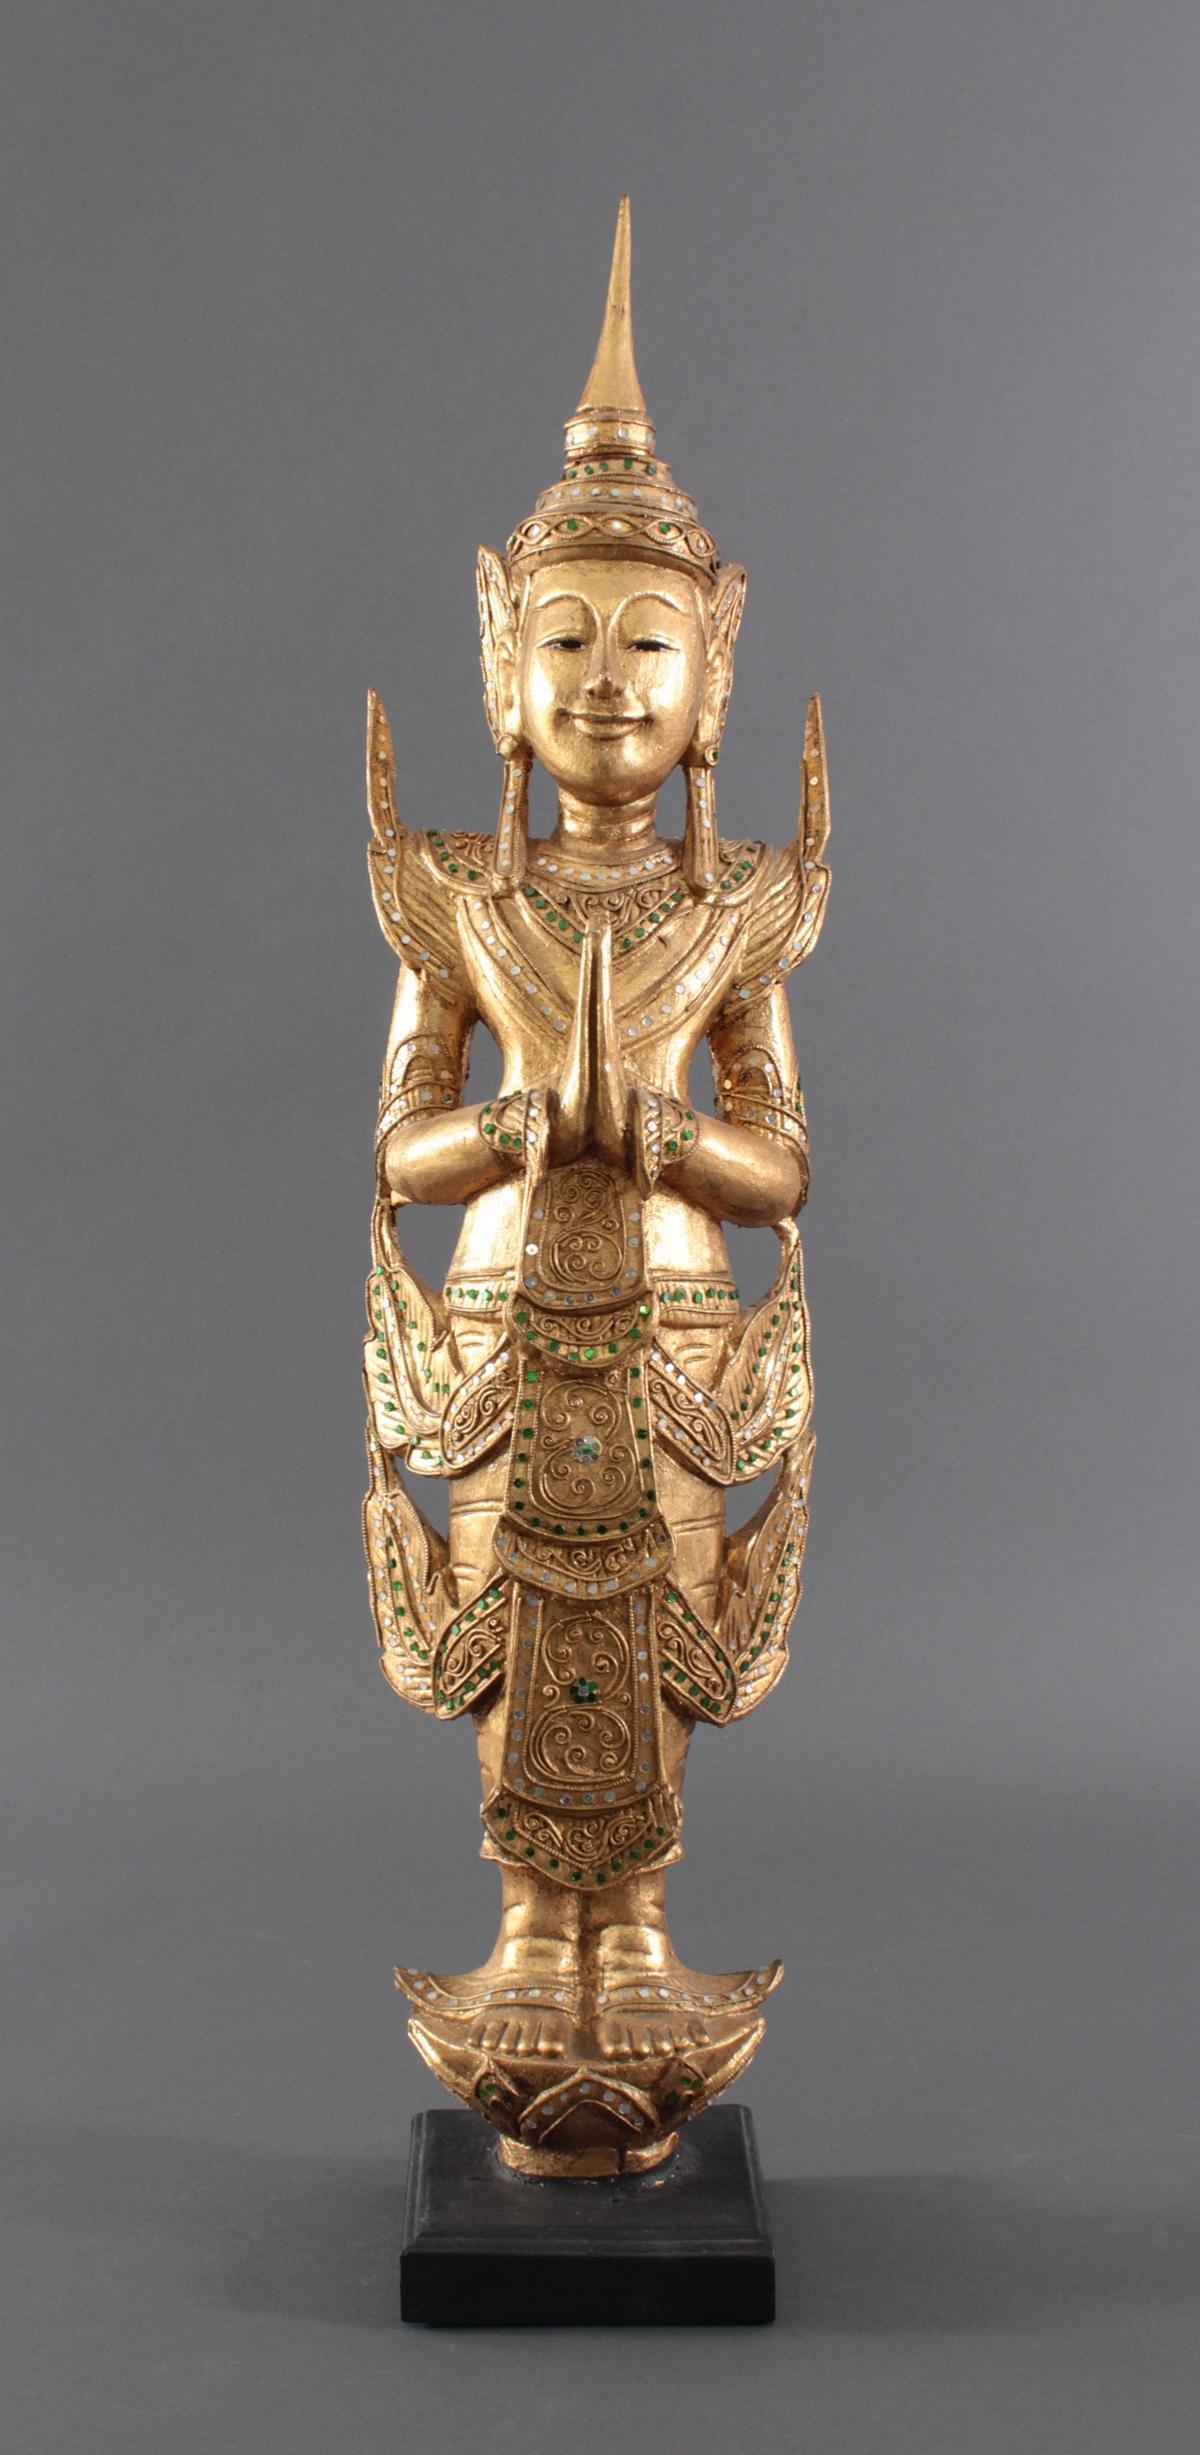 Thailändische Tempelwächter aus der 2. Hälfte des 20. Jahrhunderts